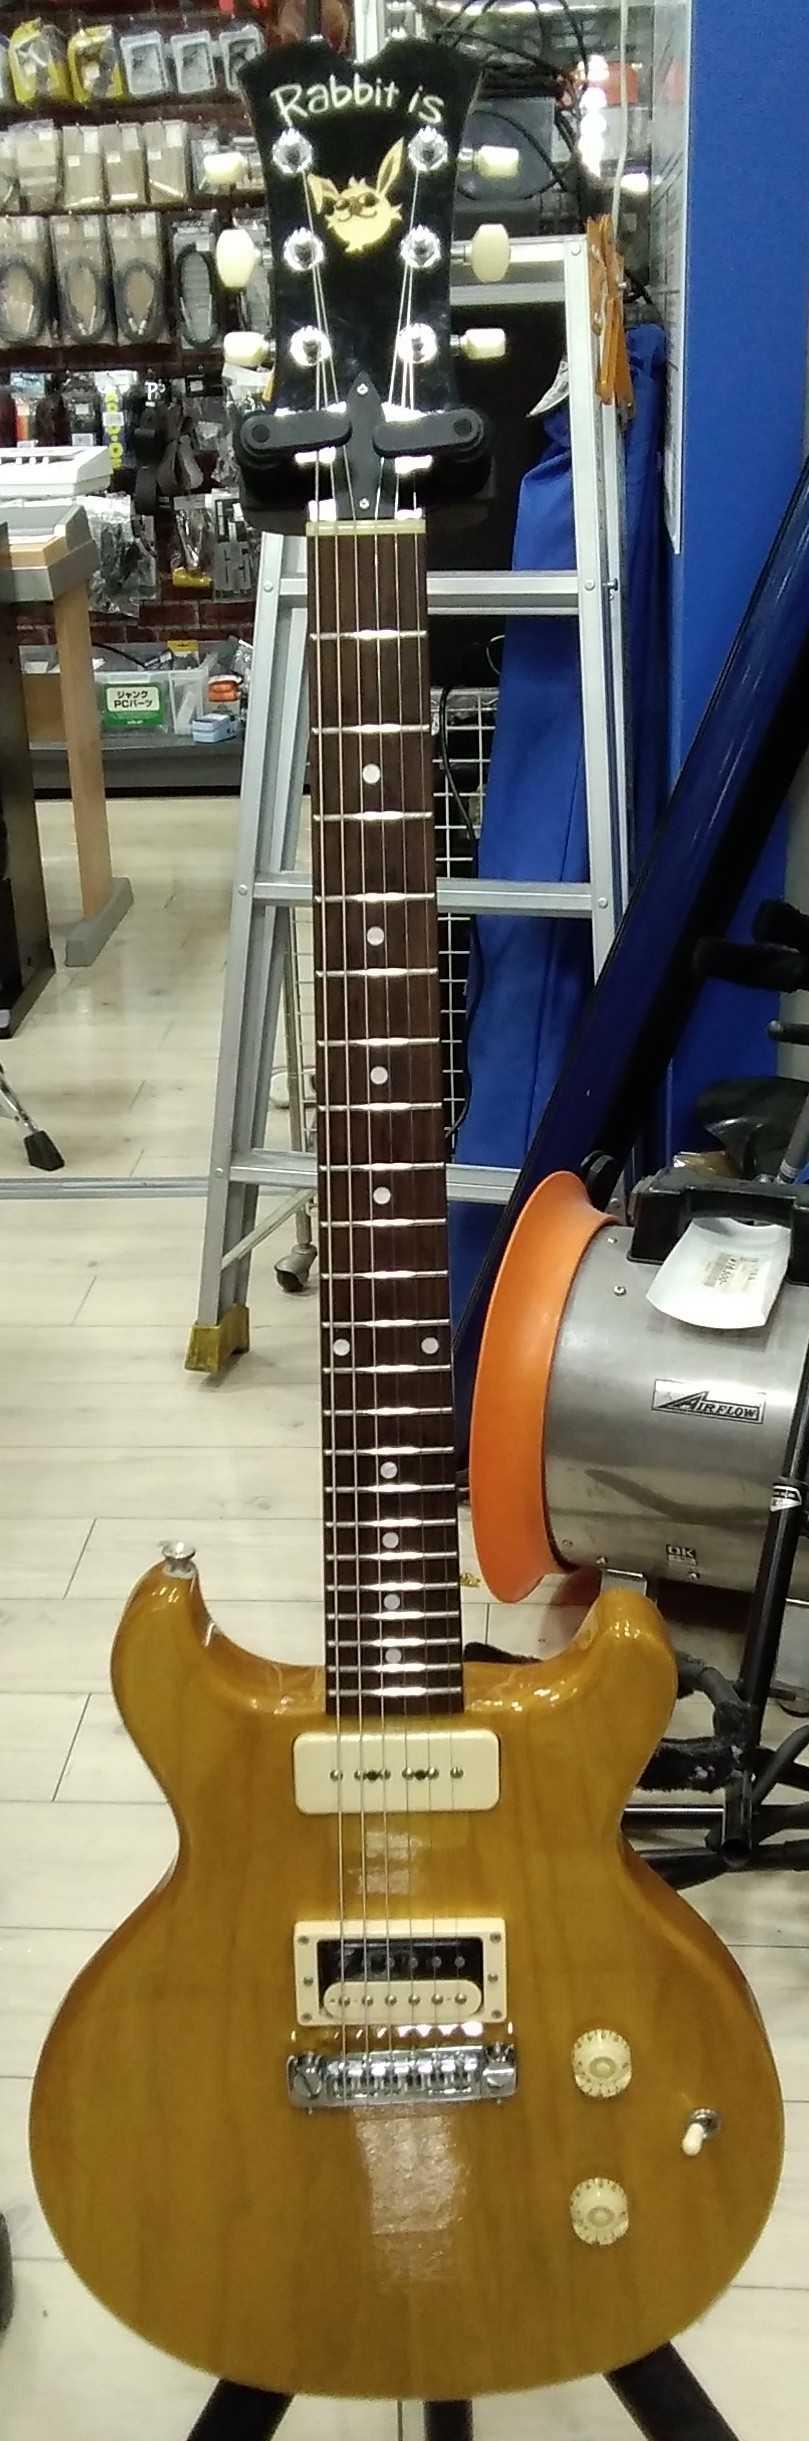 エレキギター|RABBIT IS